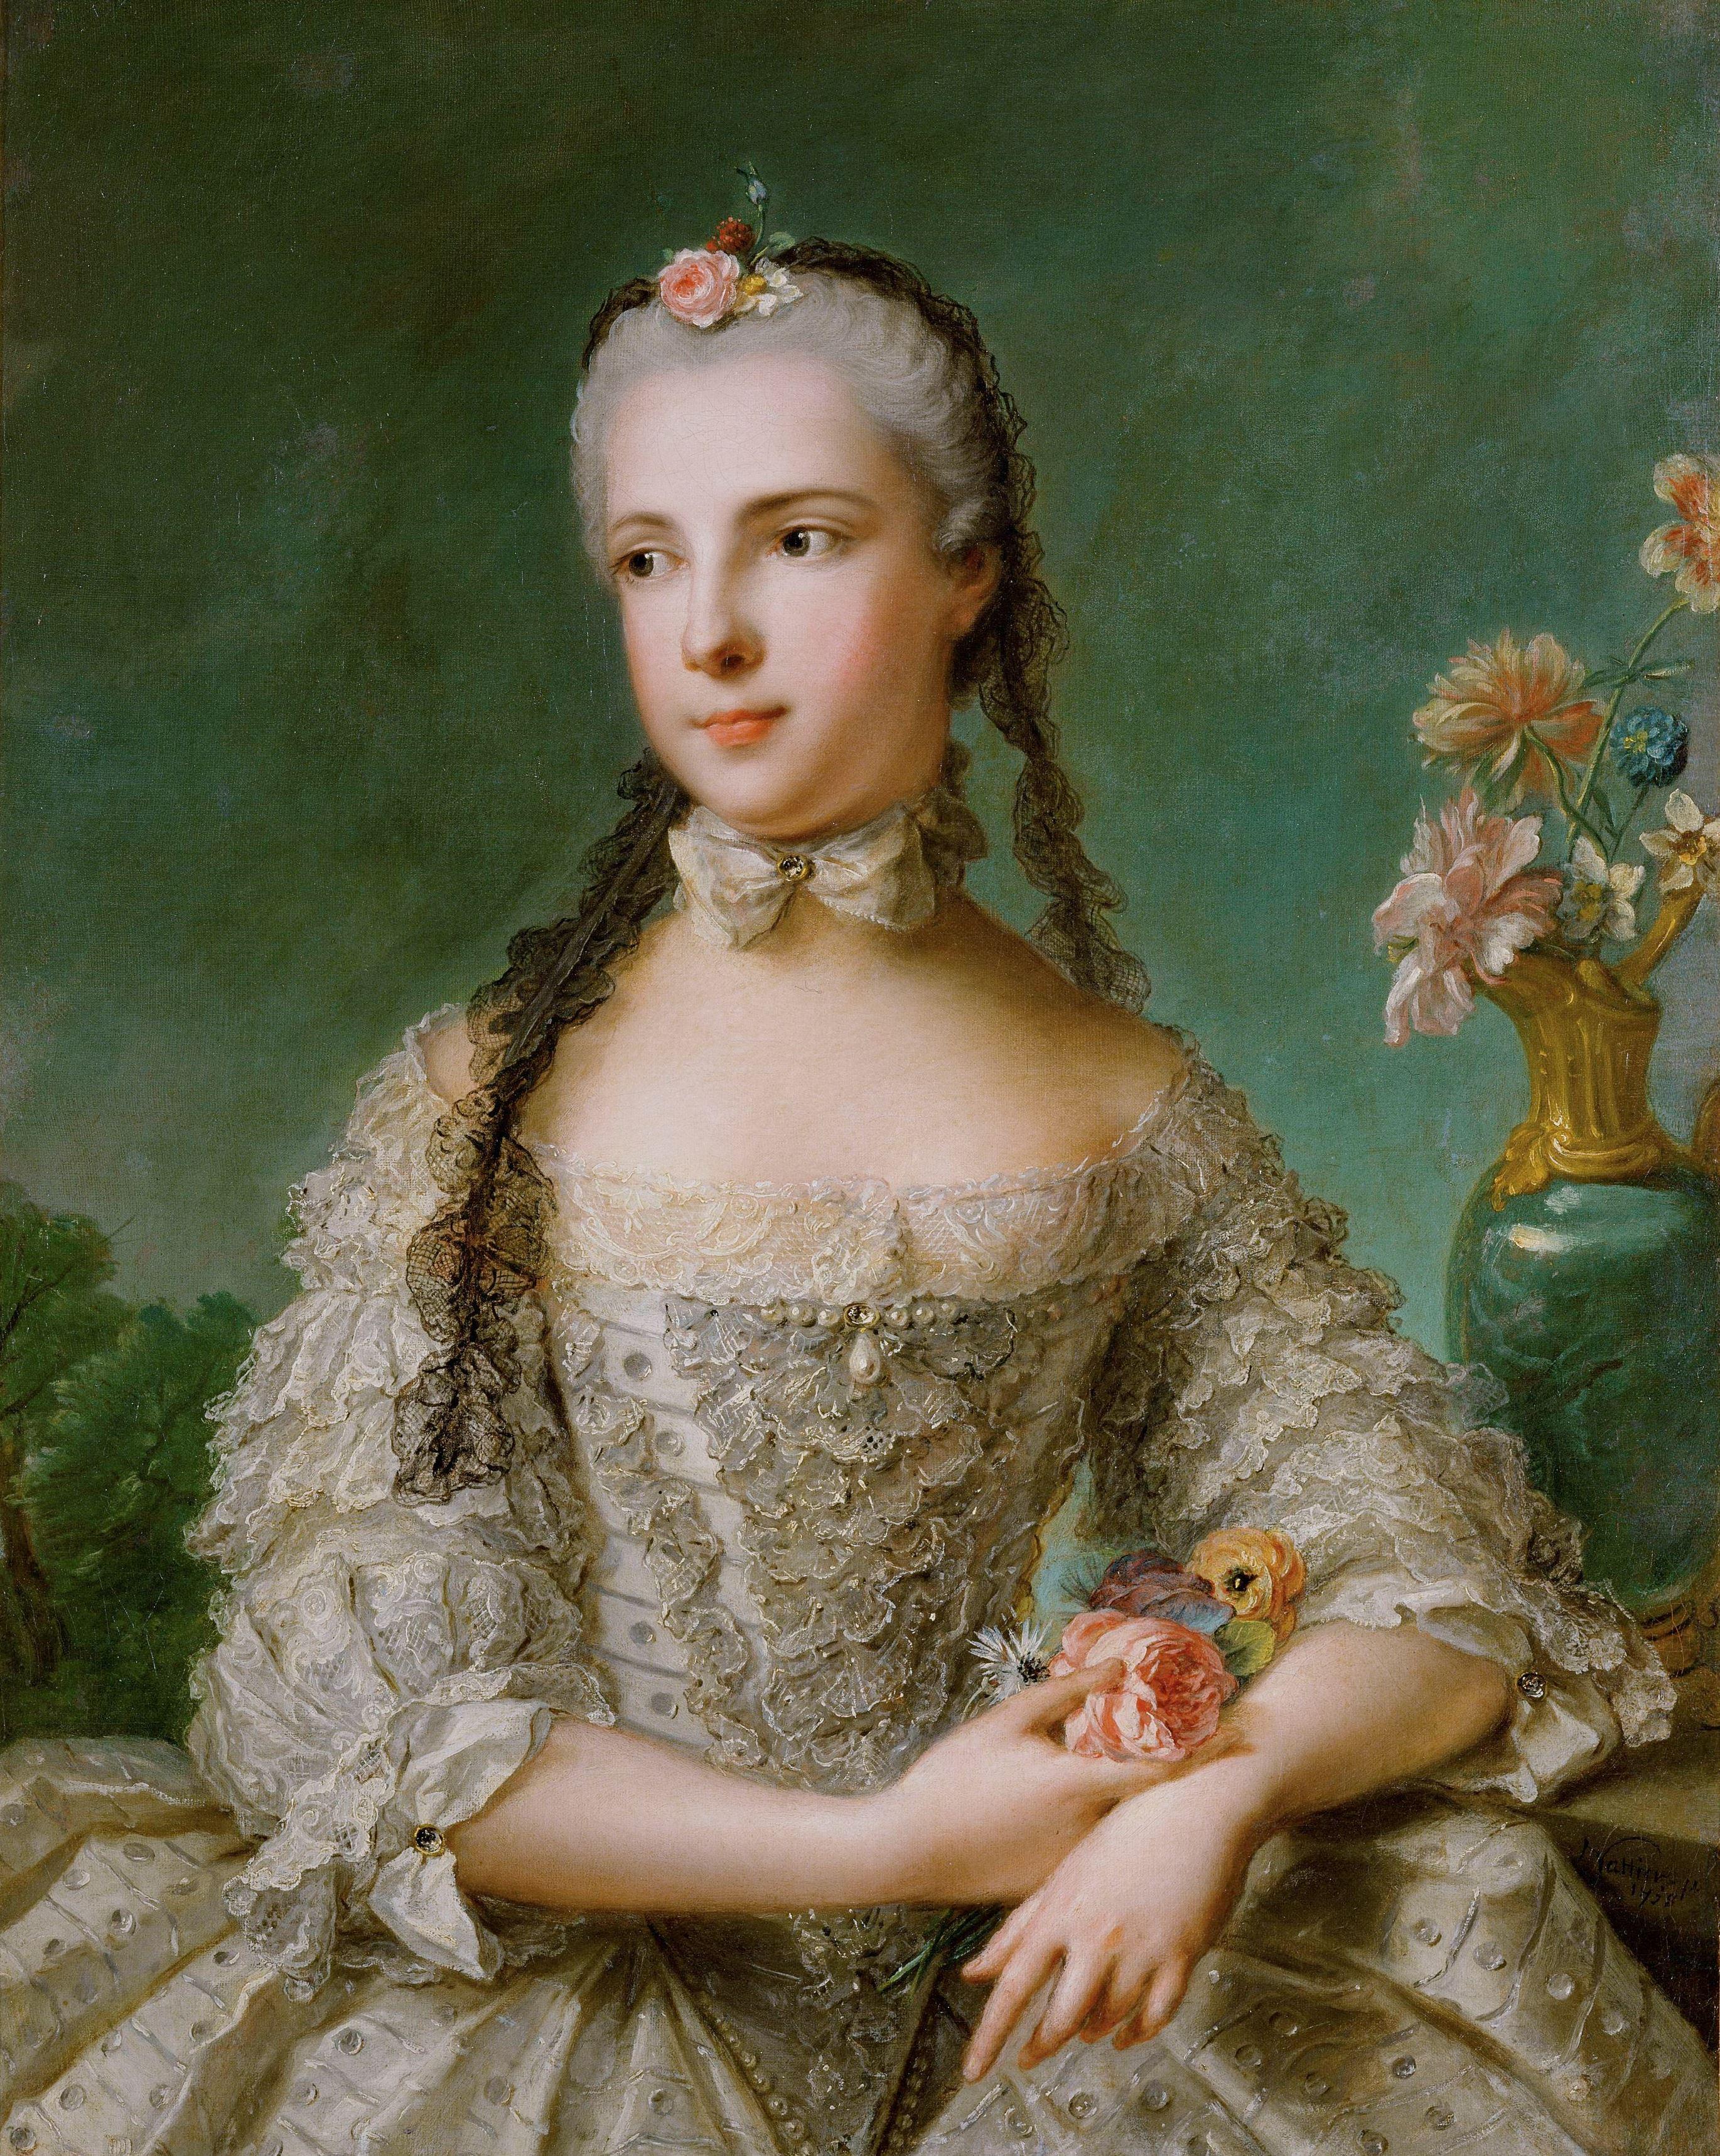 Prinzessin Maria Isabella von Parma (1741–1763), Gemahlin von Joseph II.. Kunsthistorisches Museum Wien. Jean Marc Nattier d. J, 1758 datiert. Gemälde. © KHM–Museumsverband Wien